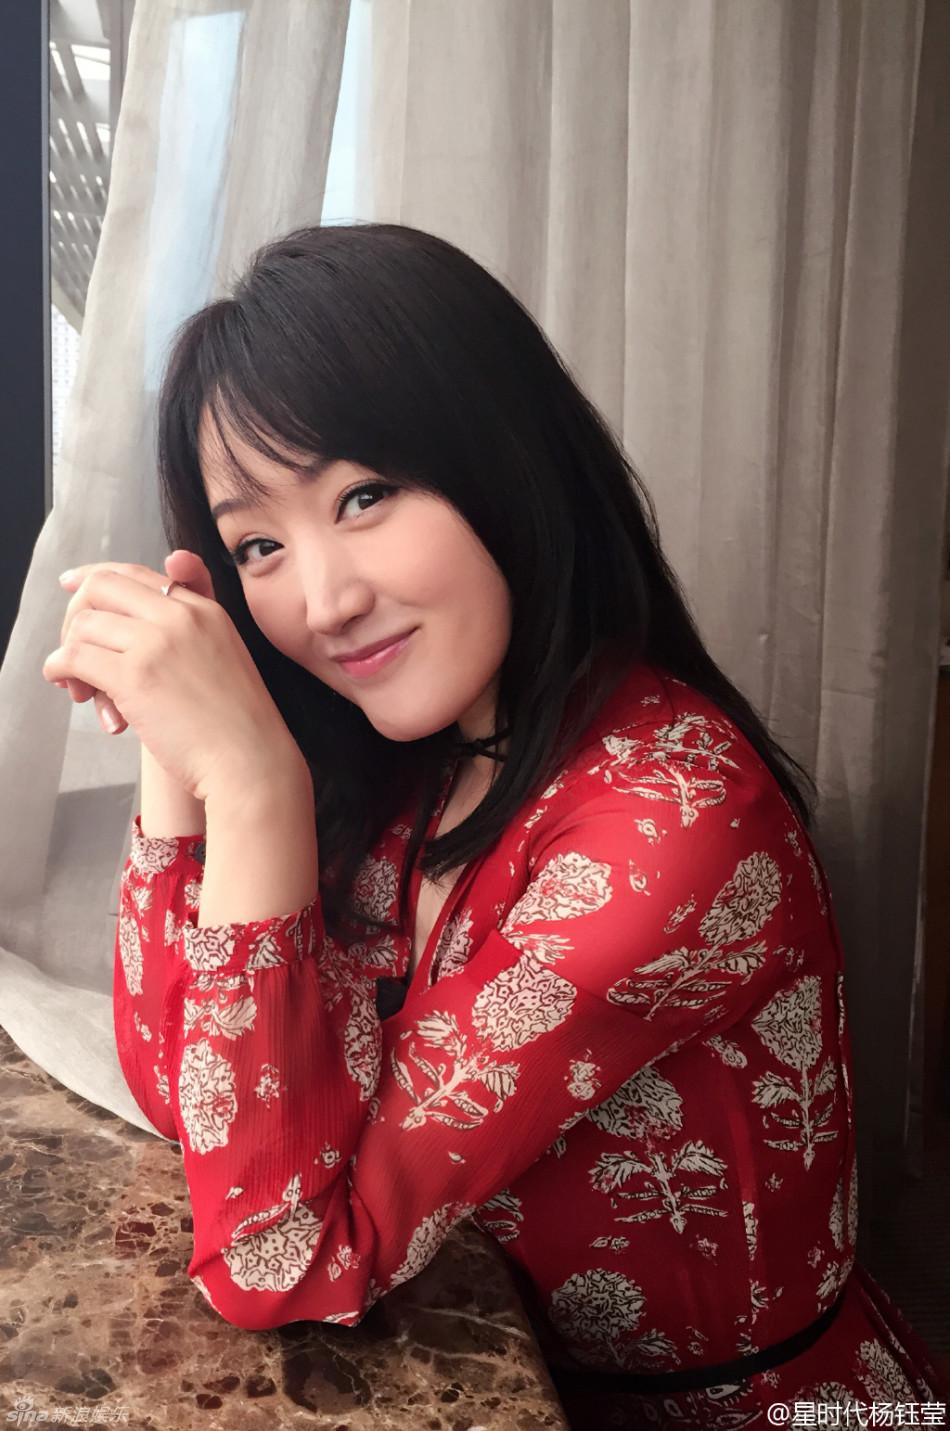 组图:杨钰莹满45岁秀戒指 穿红衣丰满甜美依旧